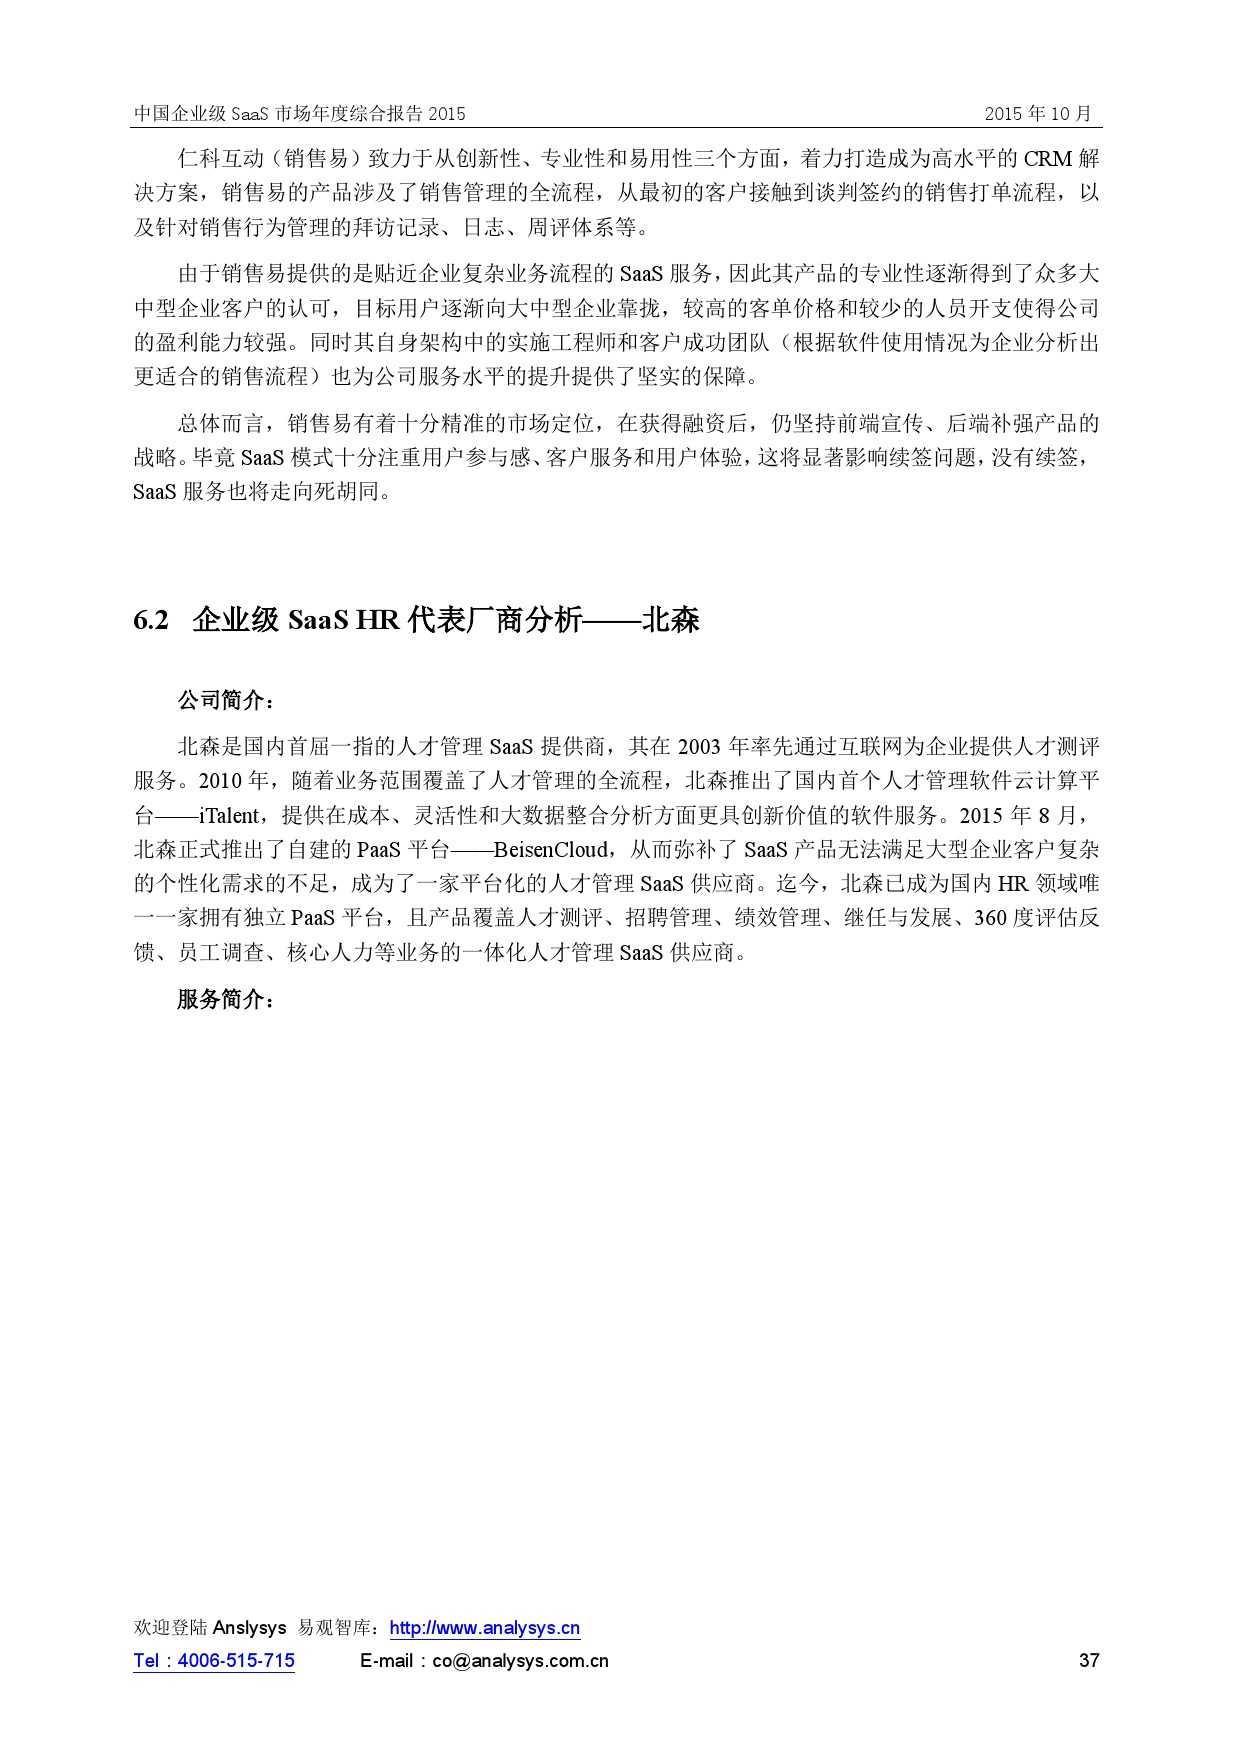 中国企业级SaaS市场年度综合报告2015 01_000037